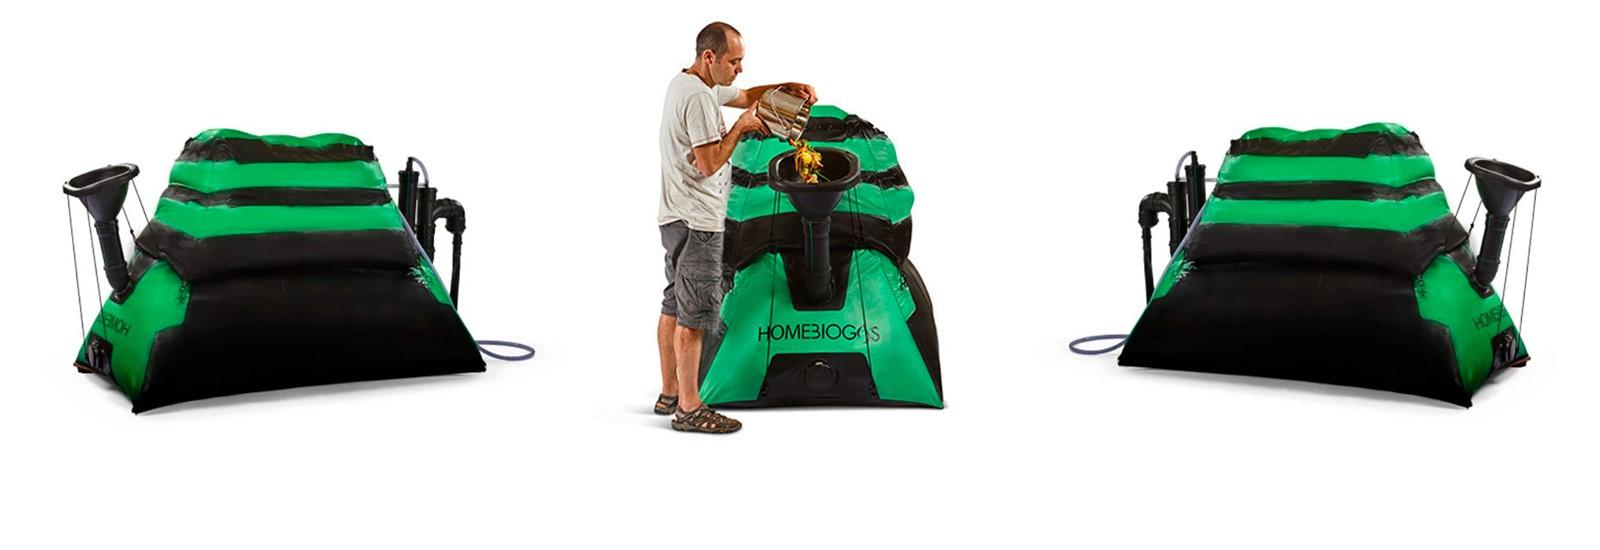 homebiogas-brasil